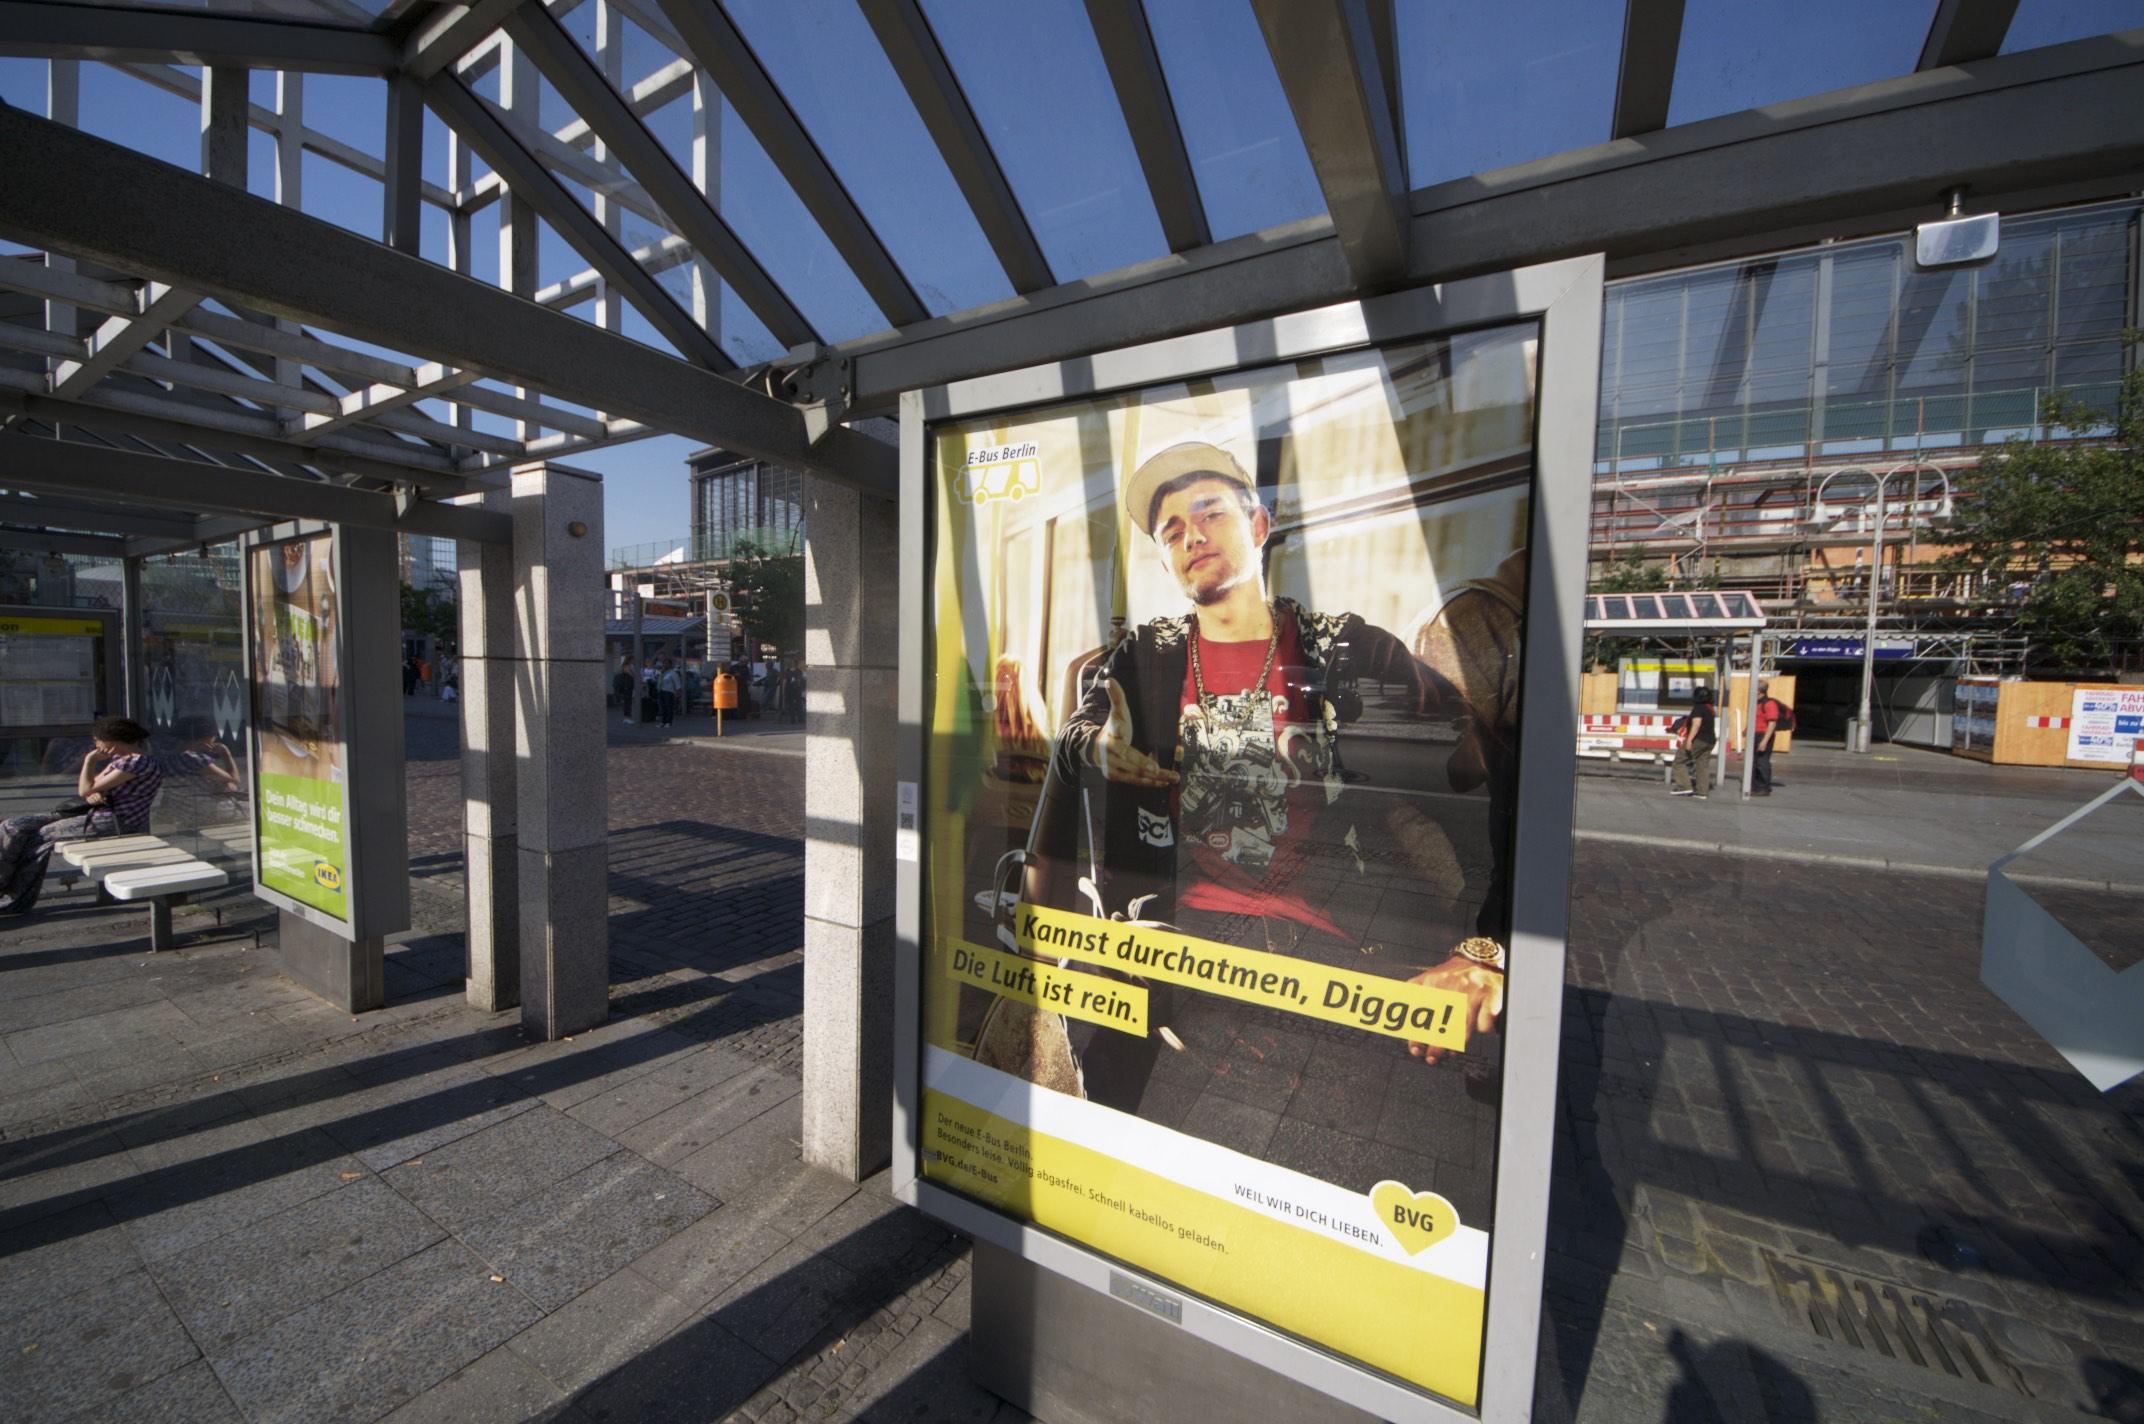 Bombardier Primove: Die BVG hat Probleme mit ihren Berliner Induktionsbussen - An der Abfahrthaltestelle am Zoo gibt es auch entsprechende Plakatwerbung. (Foto: Andreas Sebayang/Golem.de)